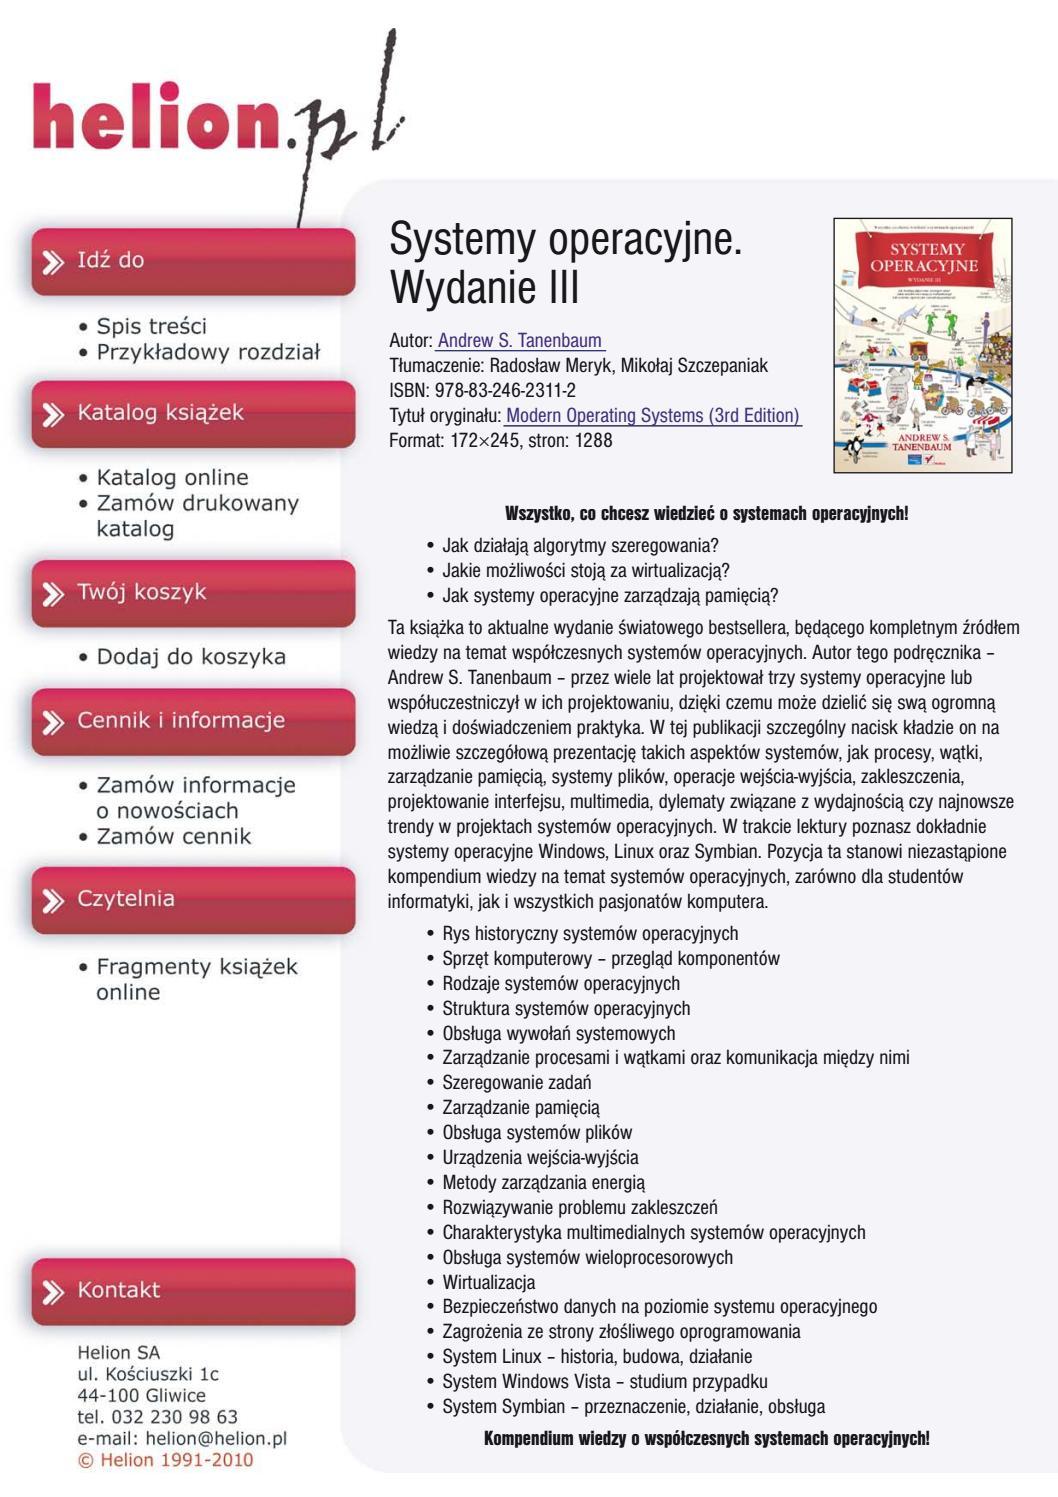 Systemy Operacyje Wydanie Iii By Damian Pielka Issuu